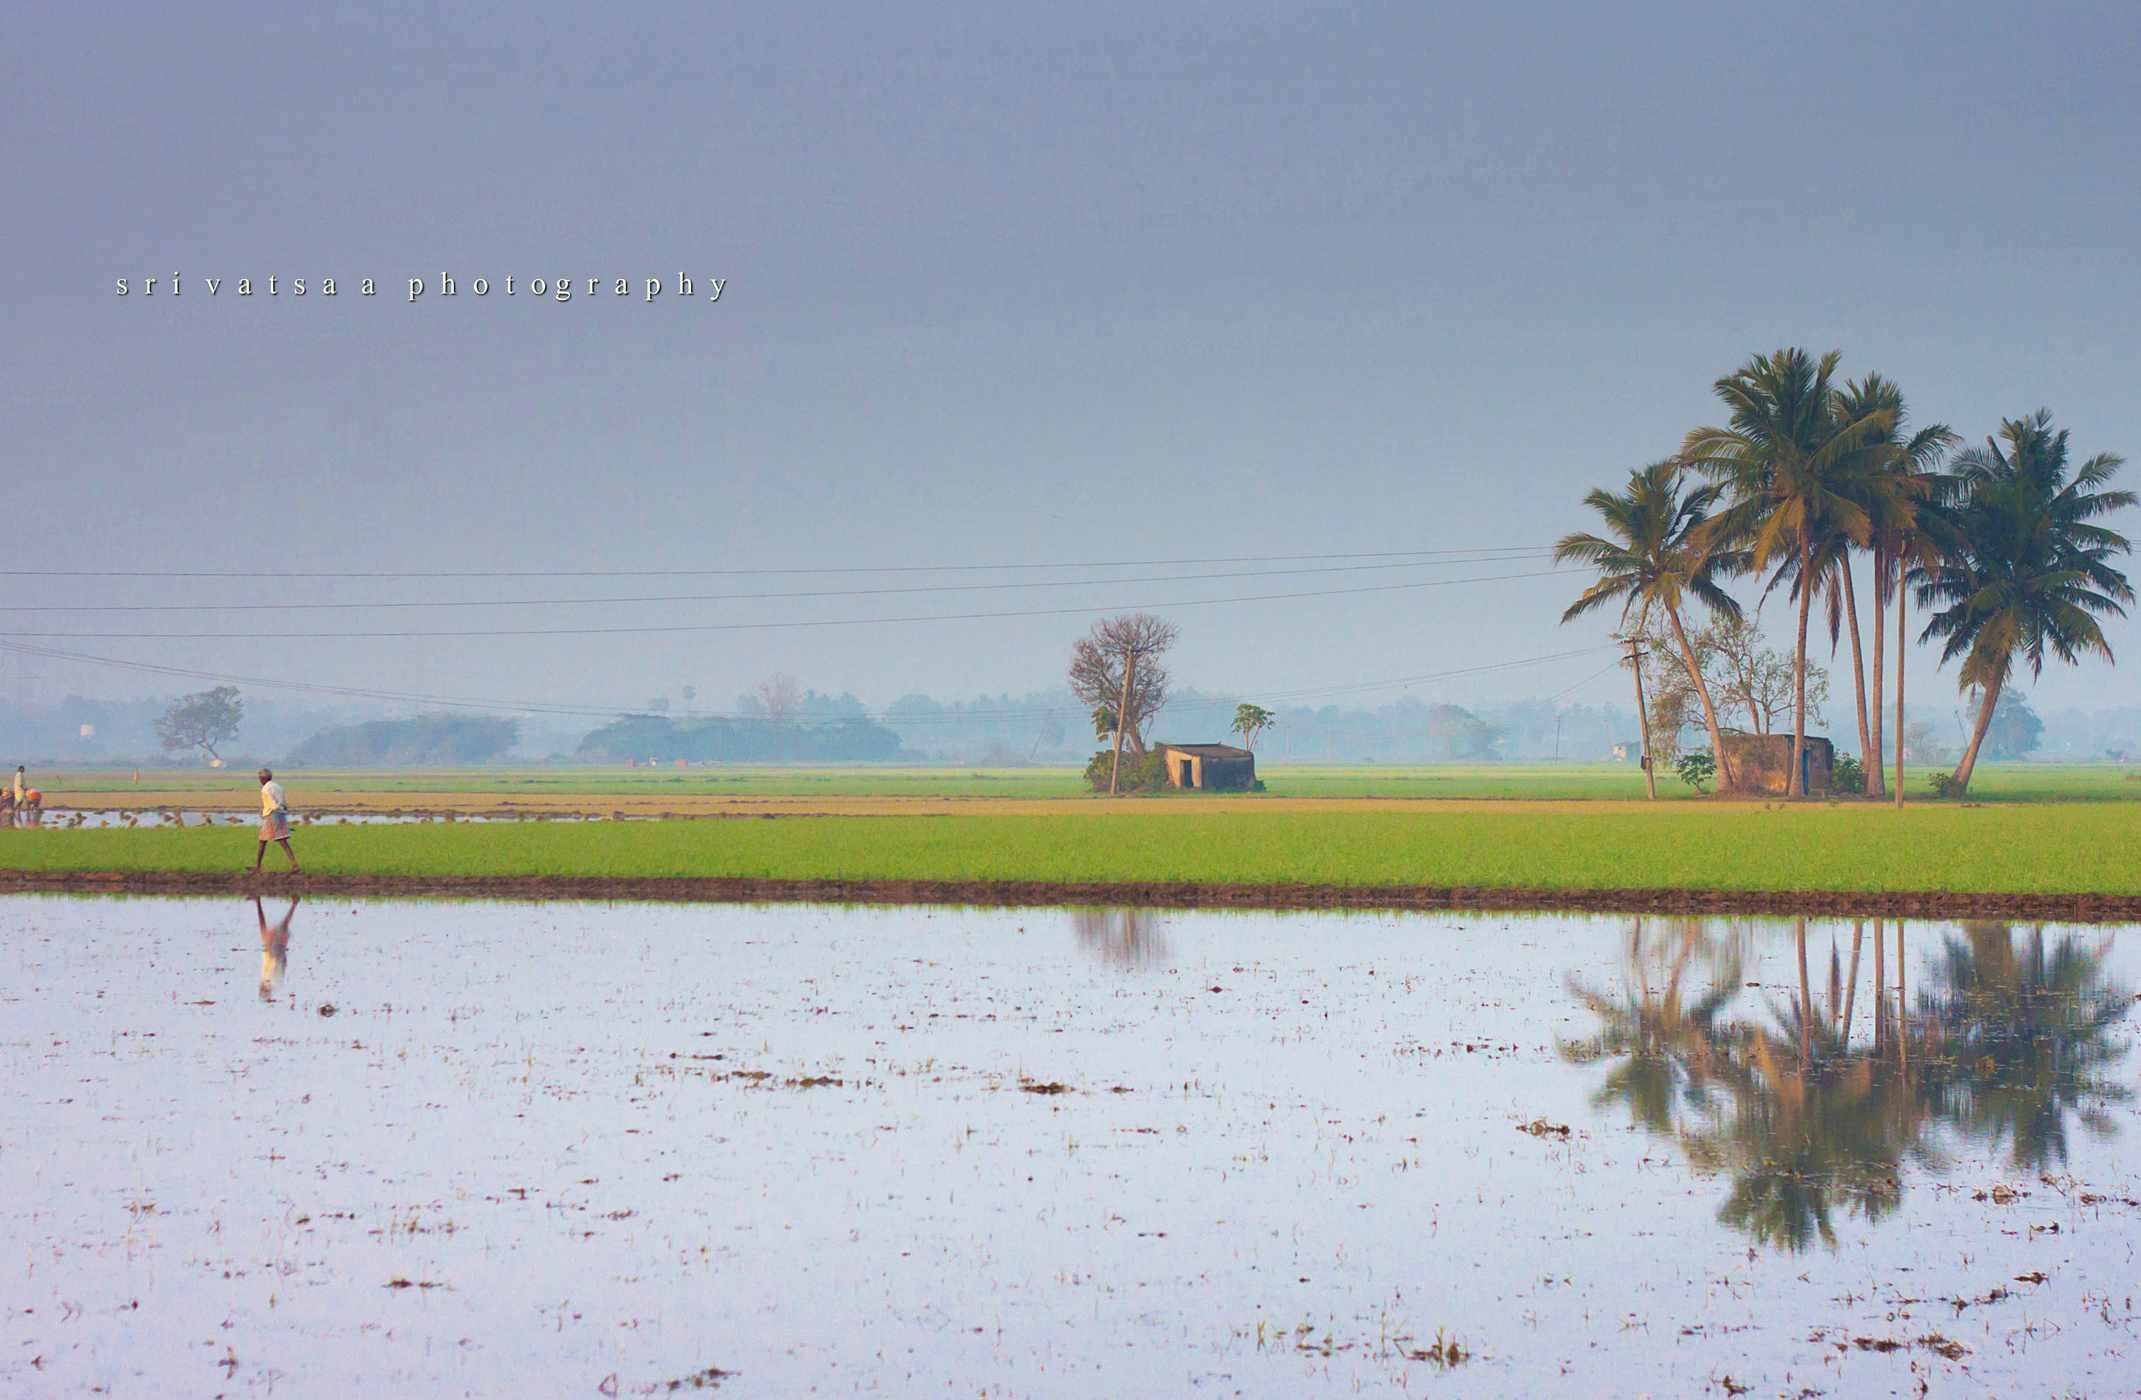 Countryside near Chennai.